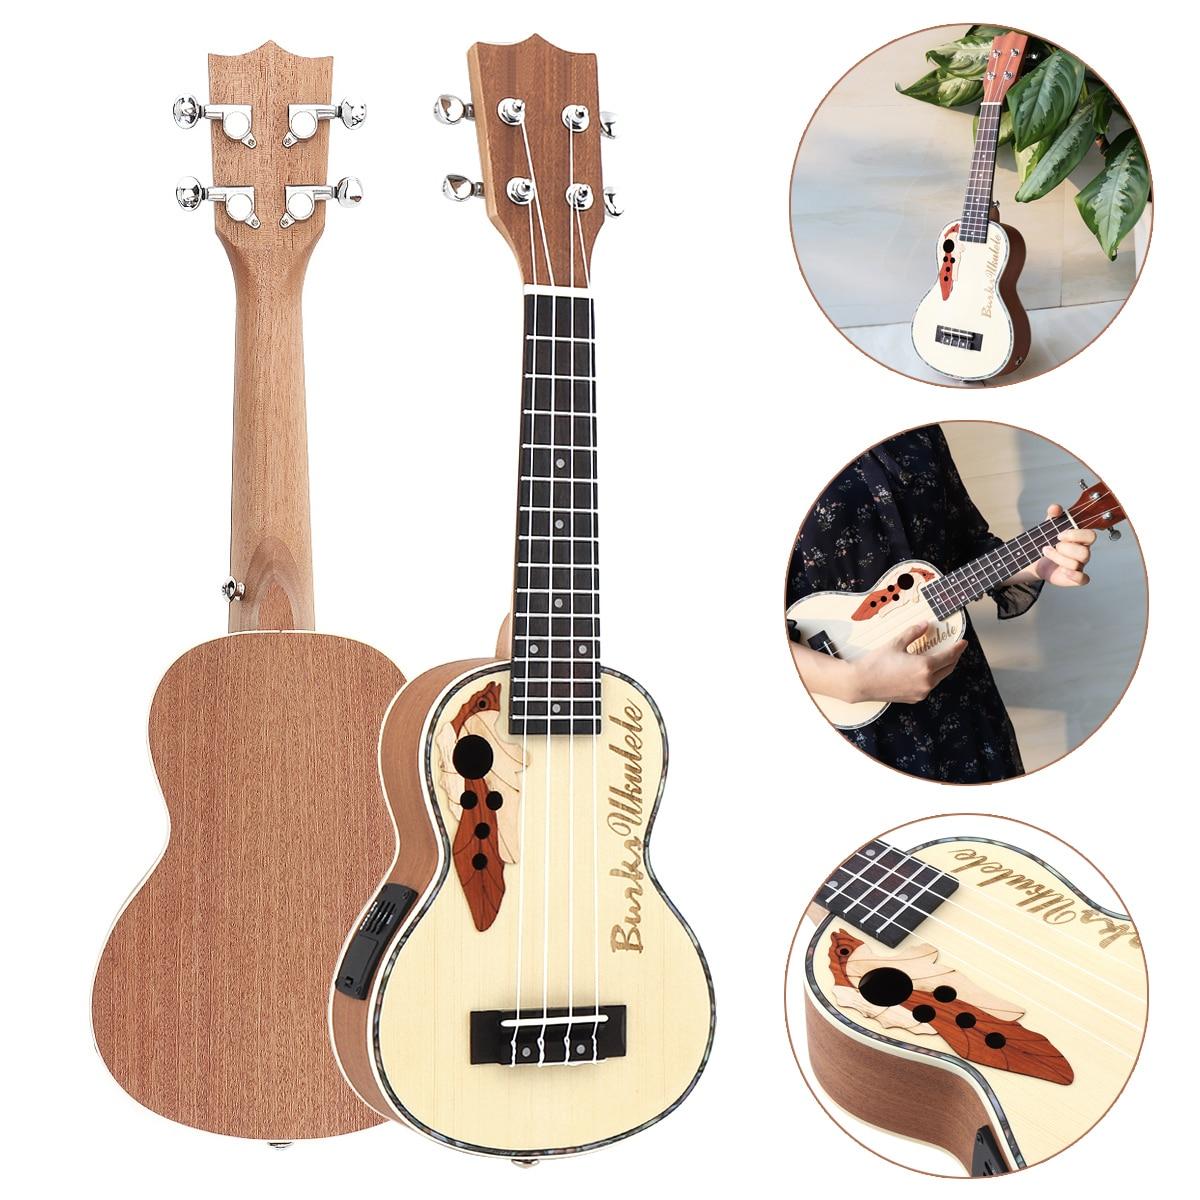 21 pouces épicéa EQ Soprano Ukelele 15 frettes électroacoustique 4 cordes guitare avec intégré égaliseur pick-up